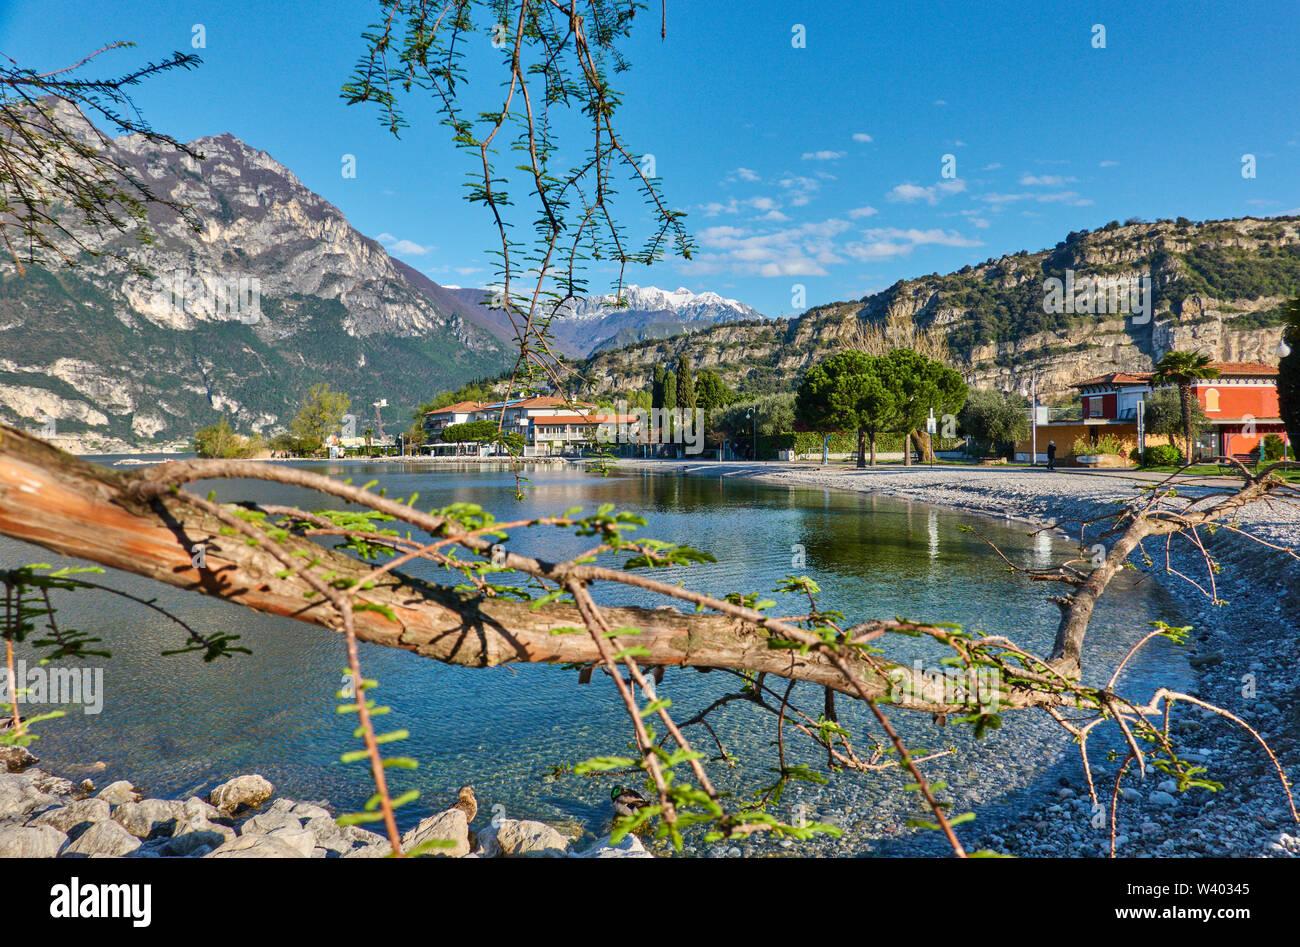 The beach near small harbor Porticcioloat Lago di Garda, Lake Garda in Torbole - Nago, Riva, Trentino , Italy at April 15, 2019. © Peter Schatz / Alam - Stock Image